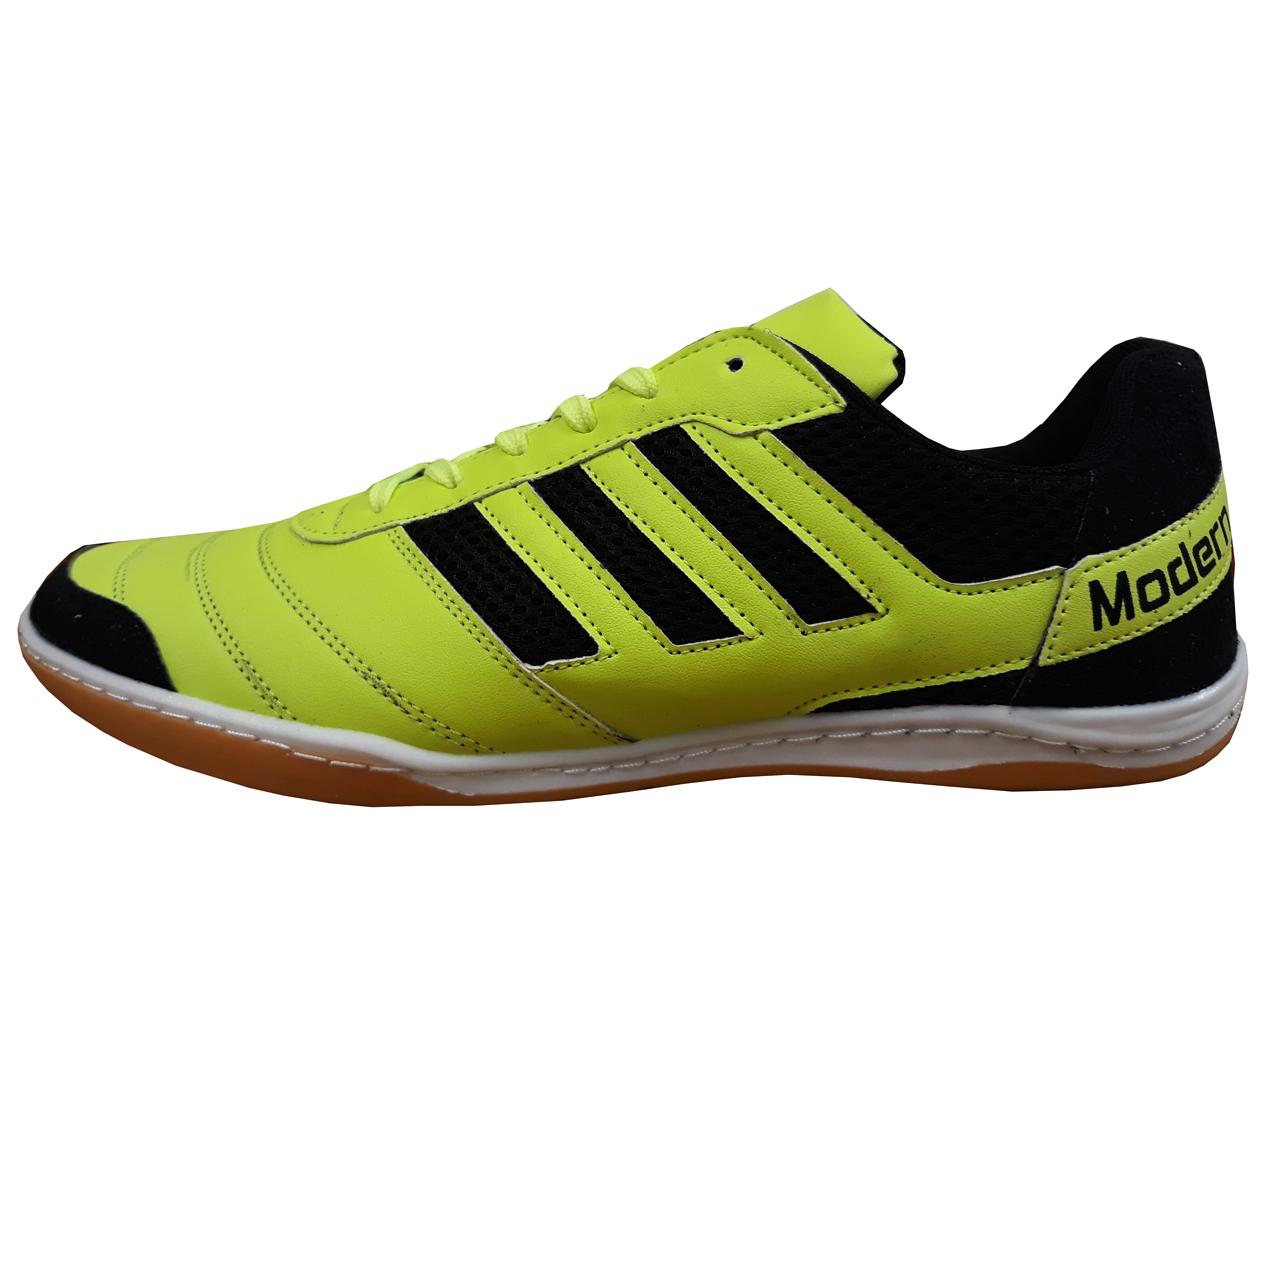 کفش فوتسال مردانه مدرن مدل MOD1